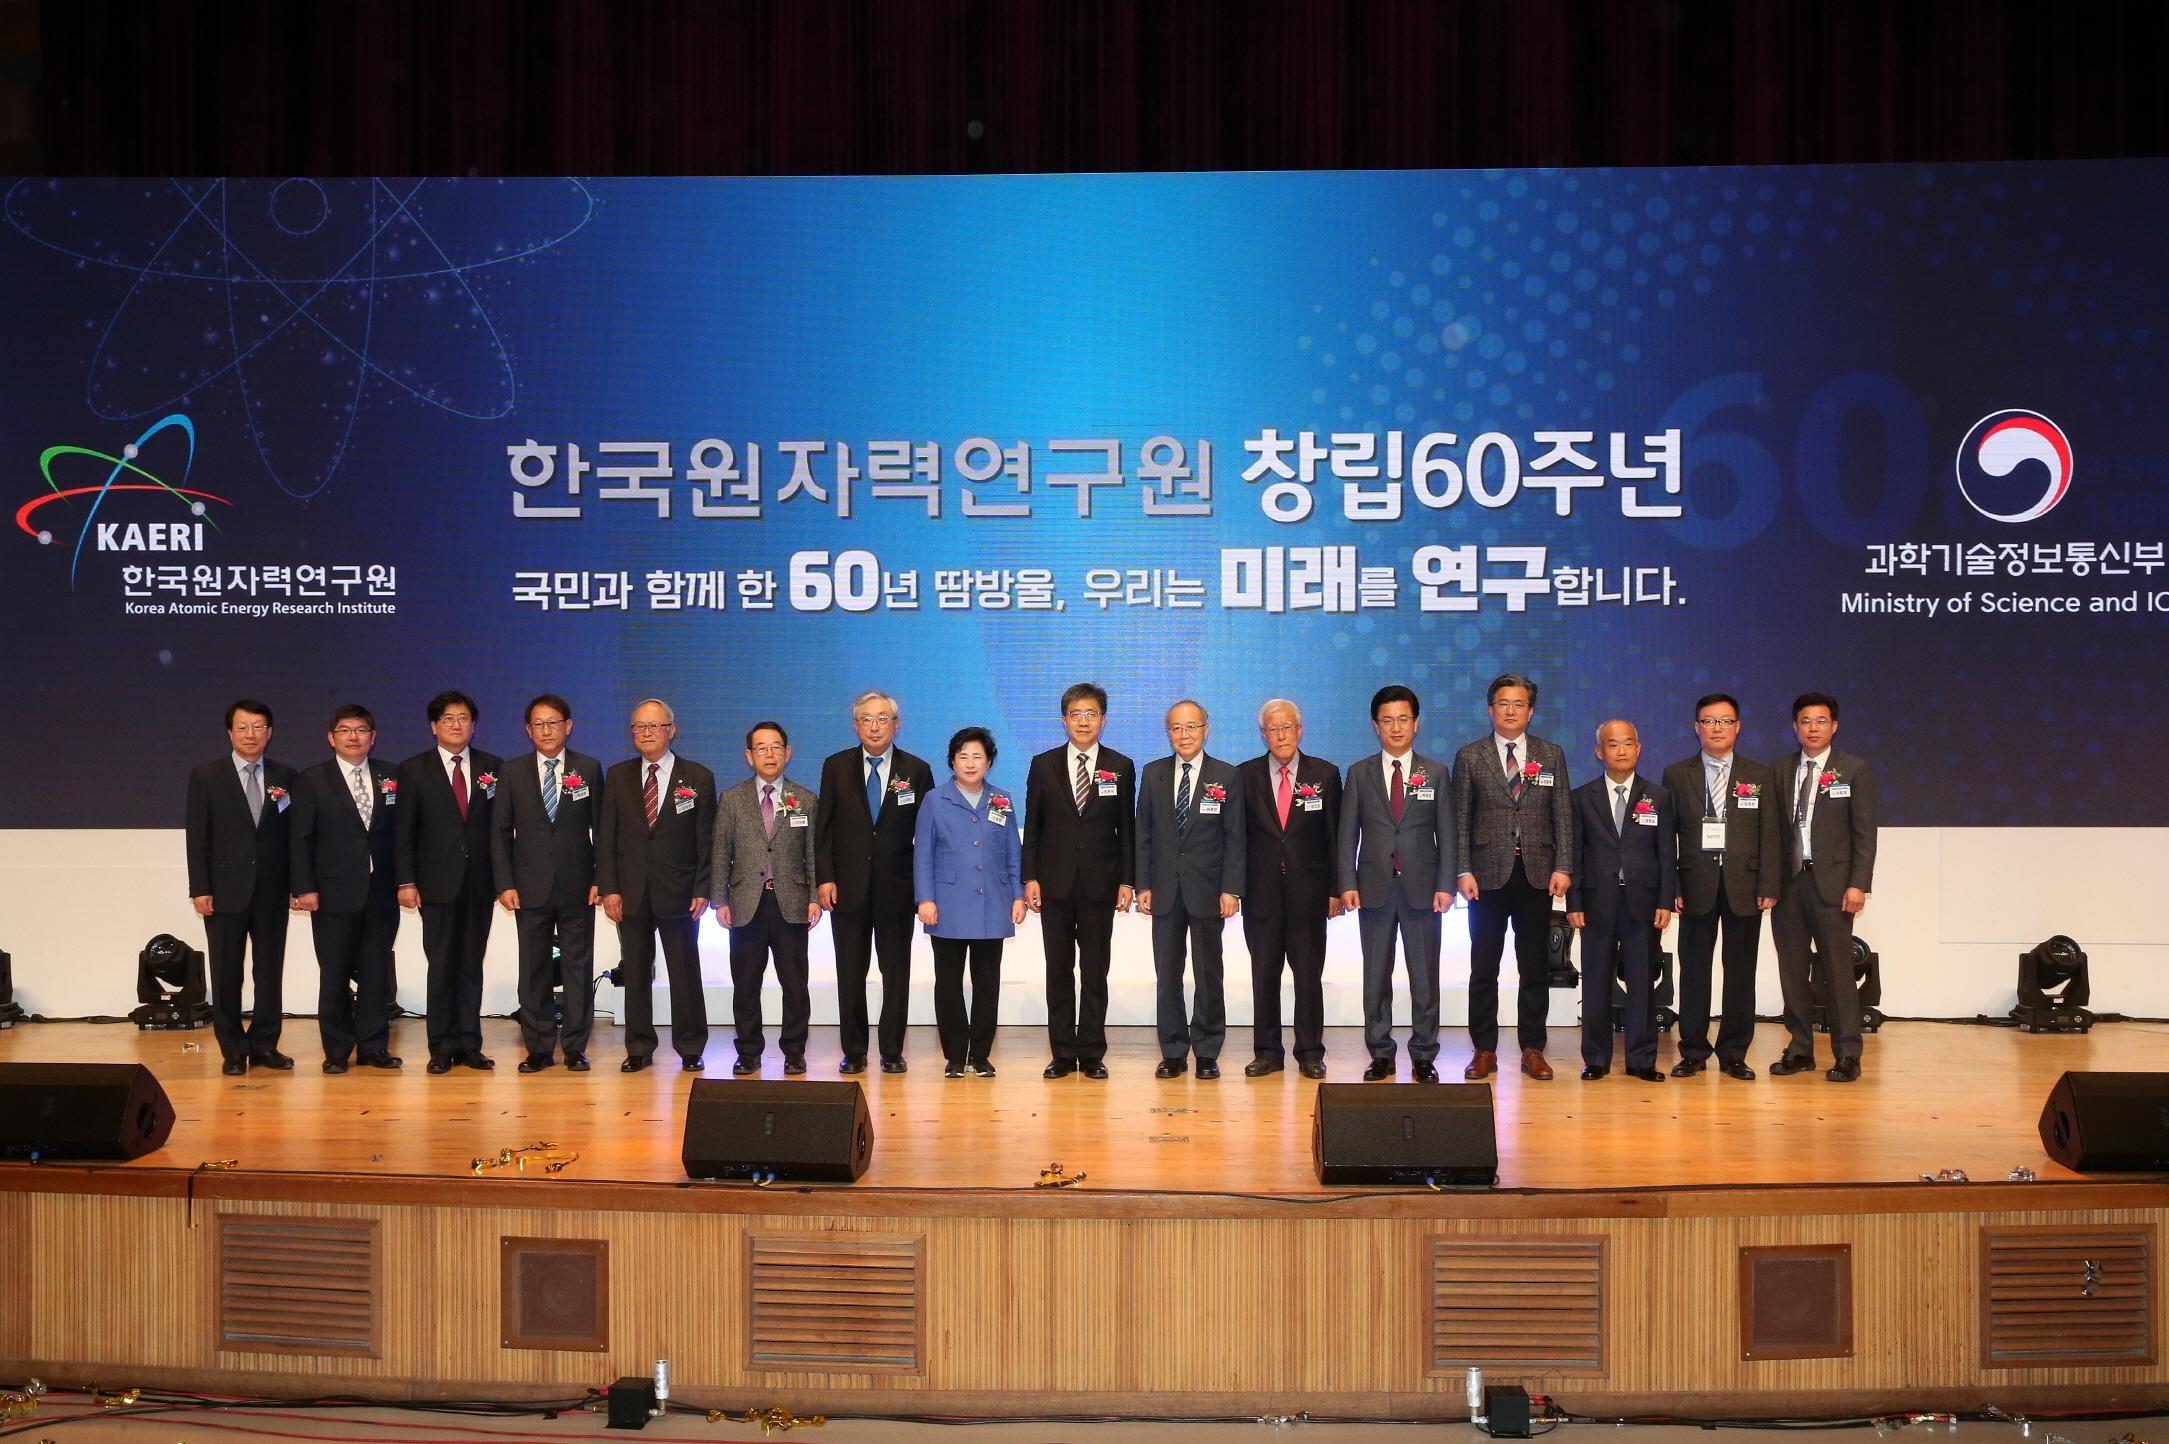 사진4. 한국원자력연구원 창립 60주년 기념촬영